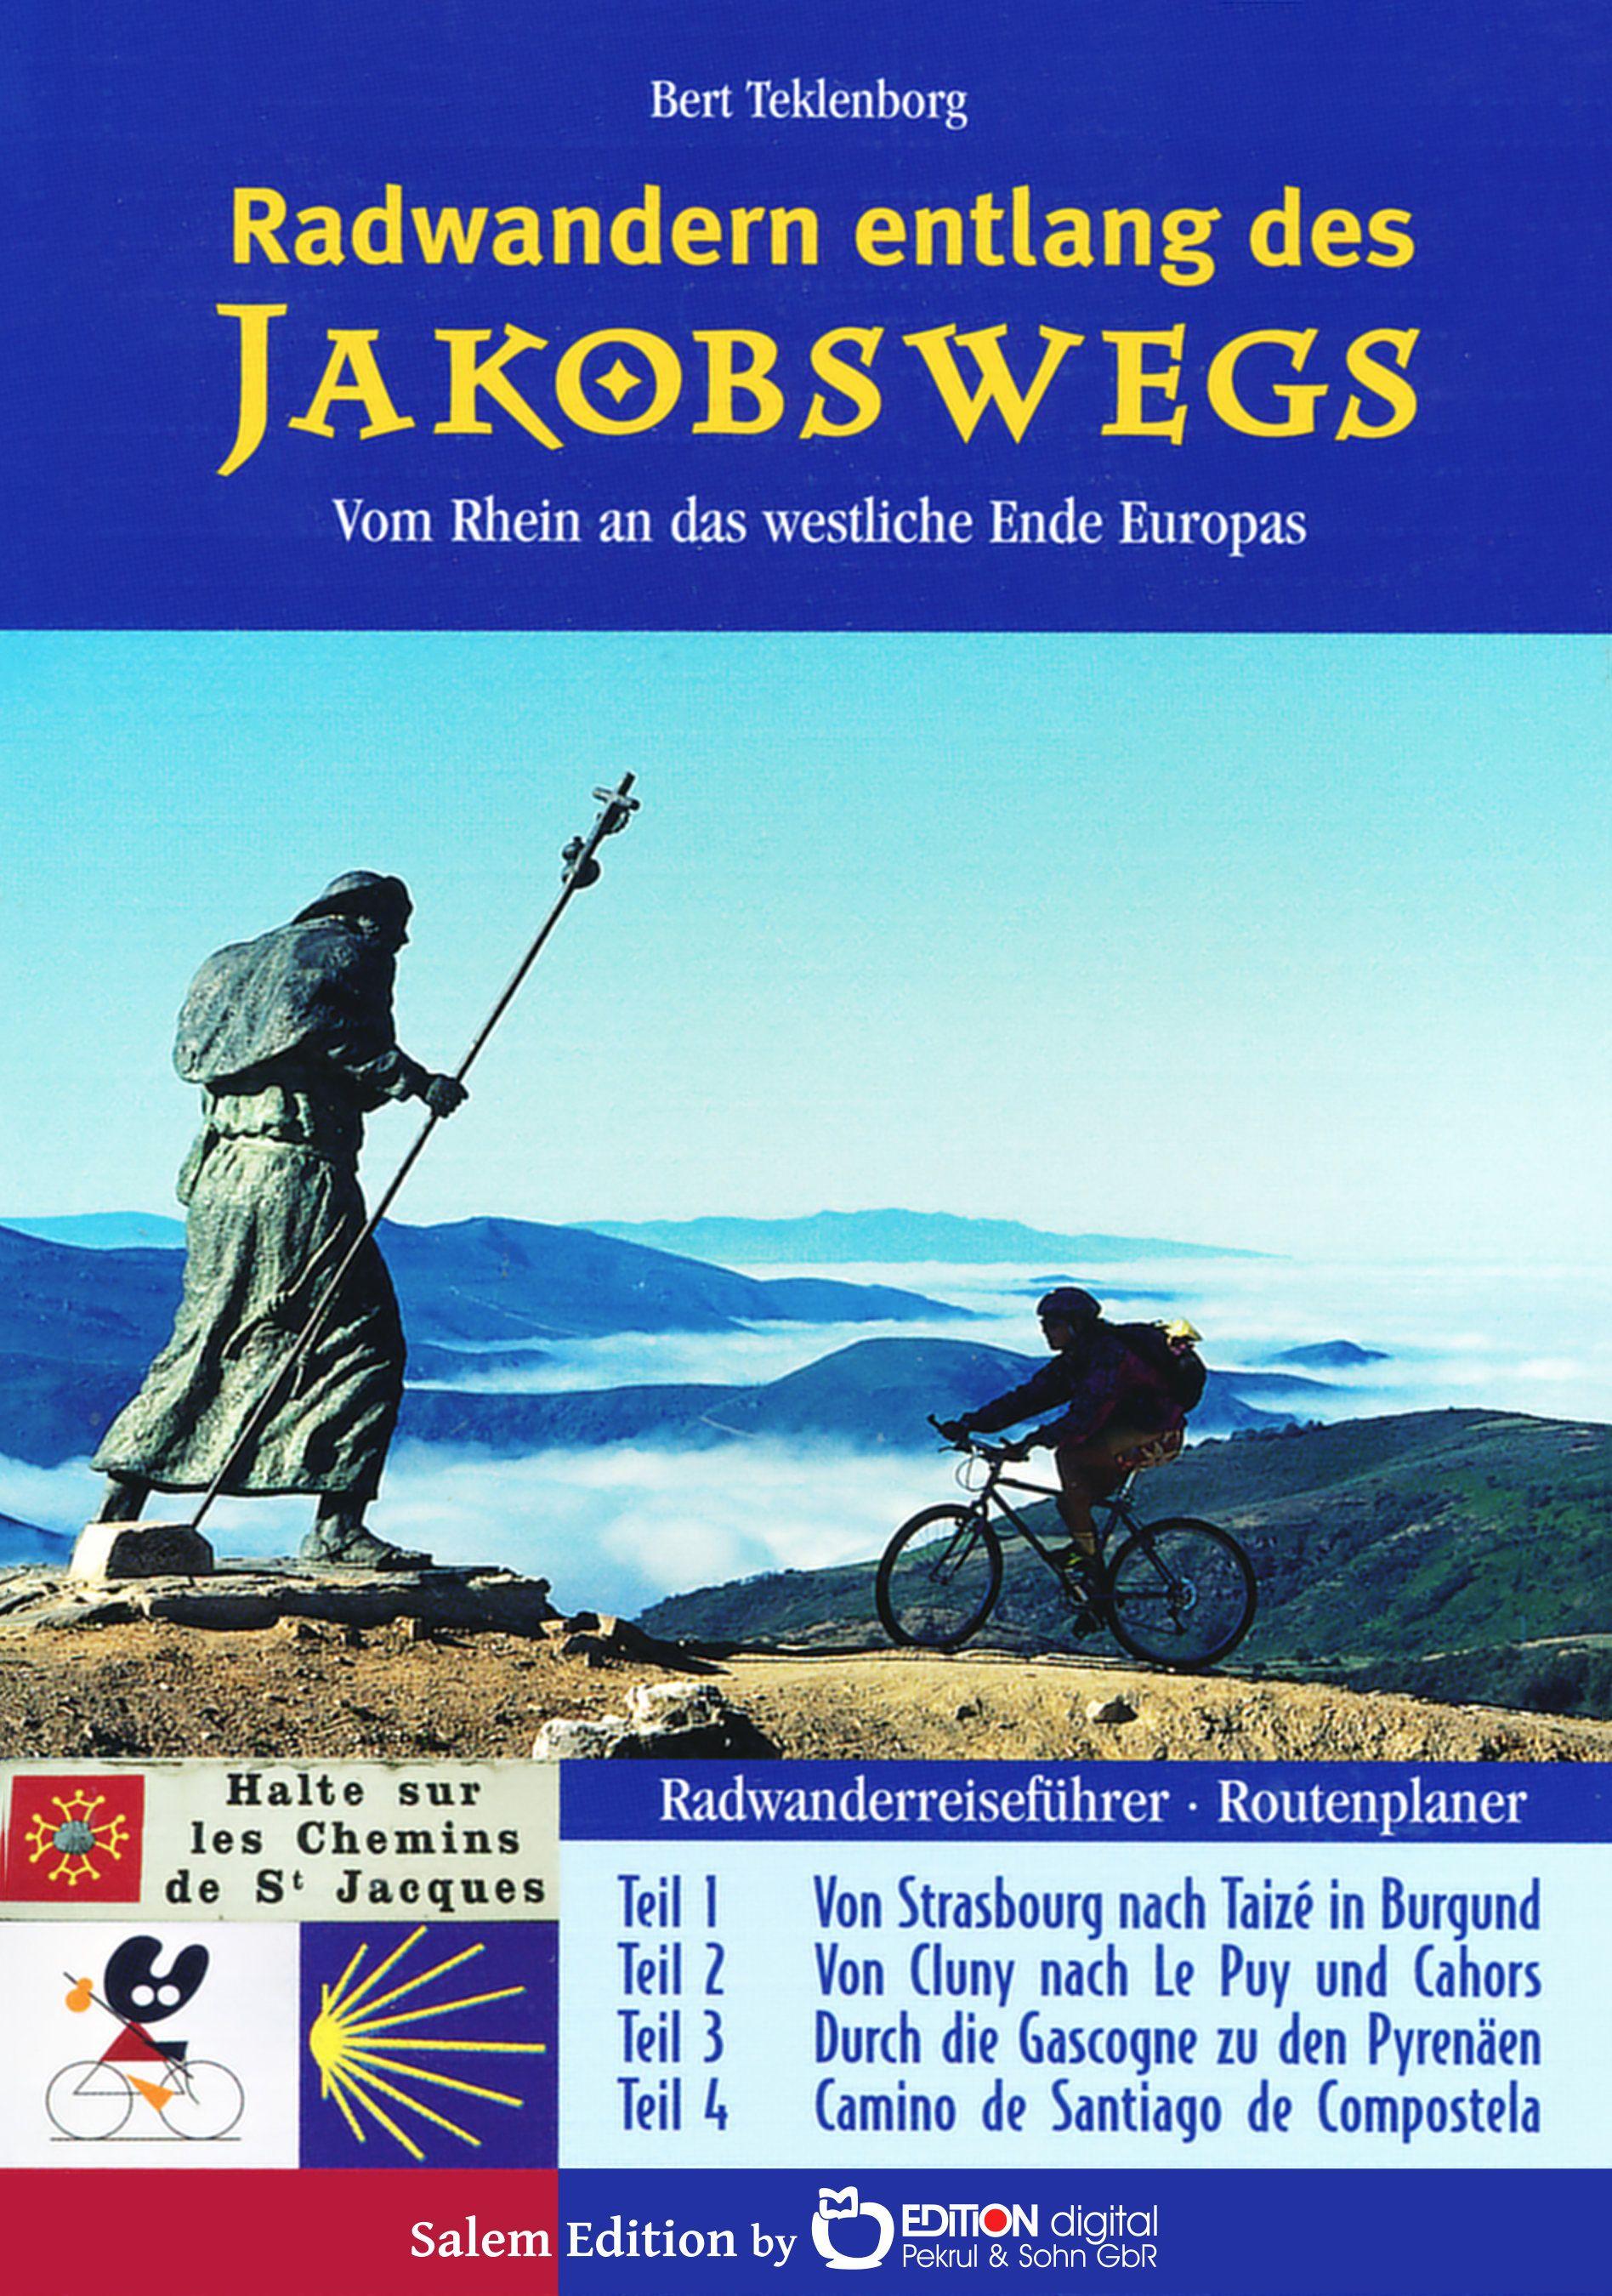 Radwandern entlang des Jakobswegs. Vom Rhein an das westliche Ende Europas von Bert Teklenborg